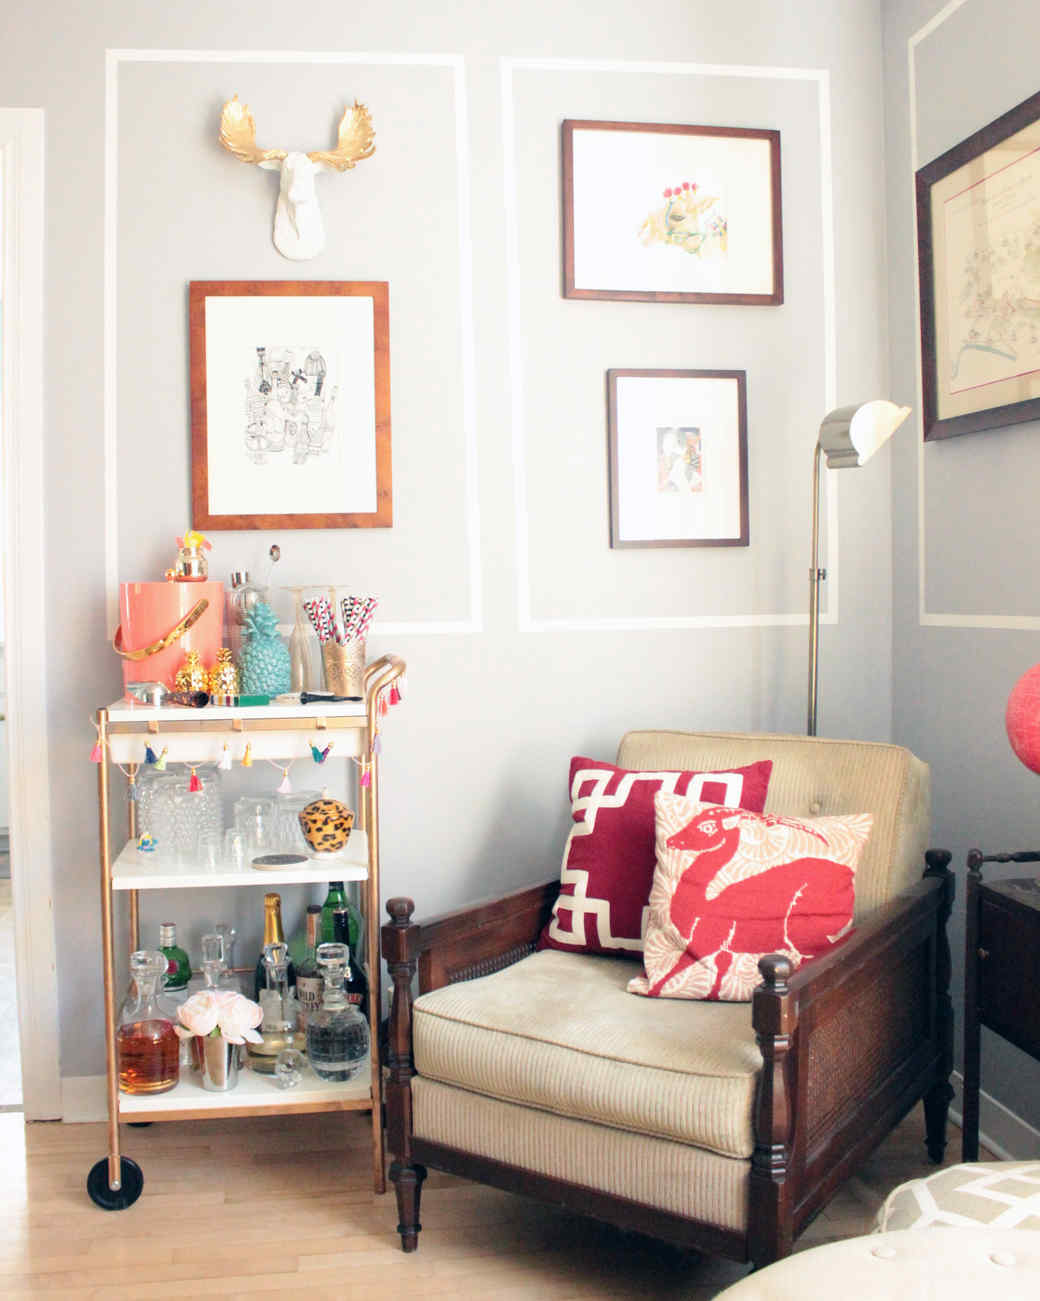 mshome-content-sittingroom1-beforeafter-0925.jpg